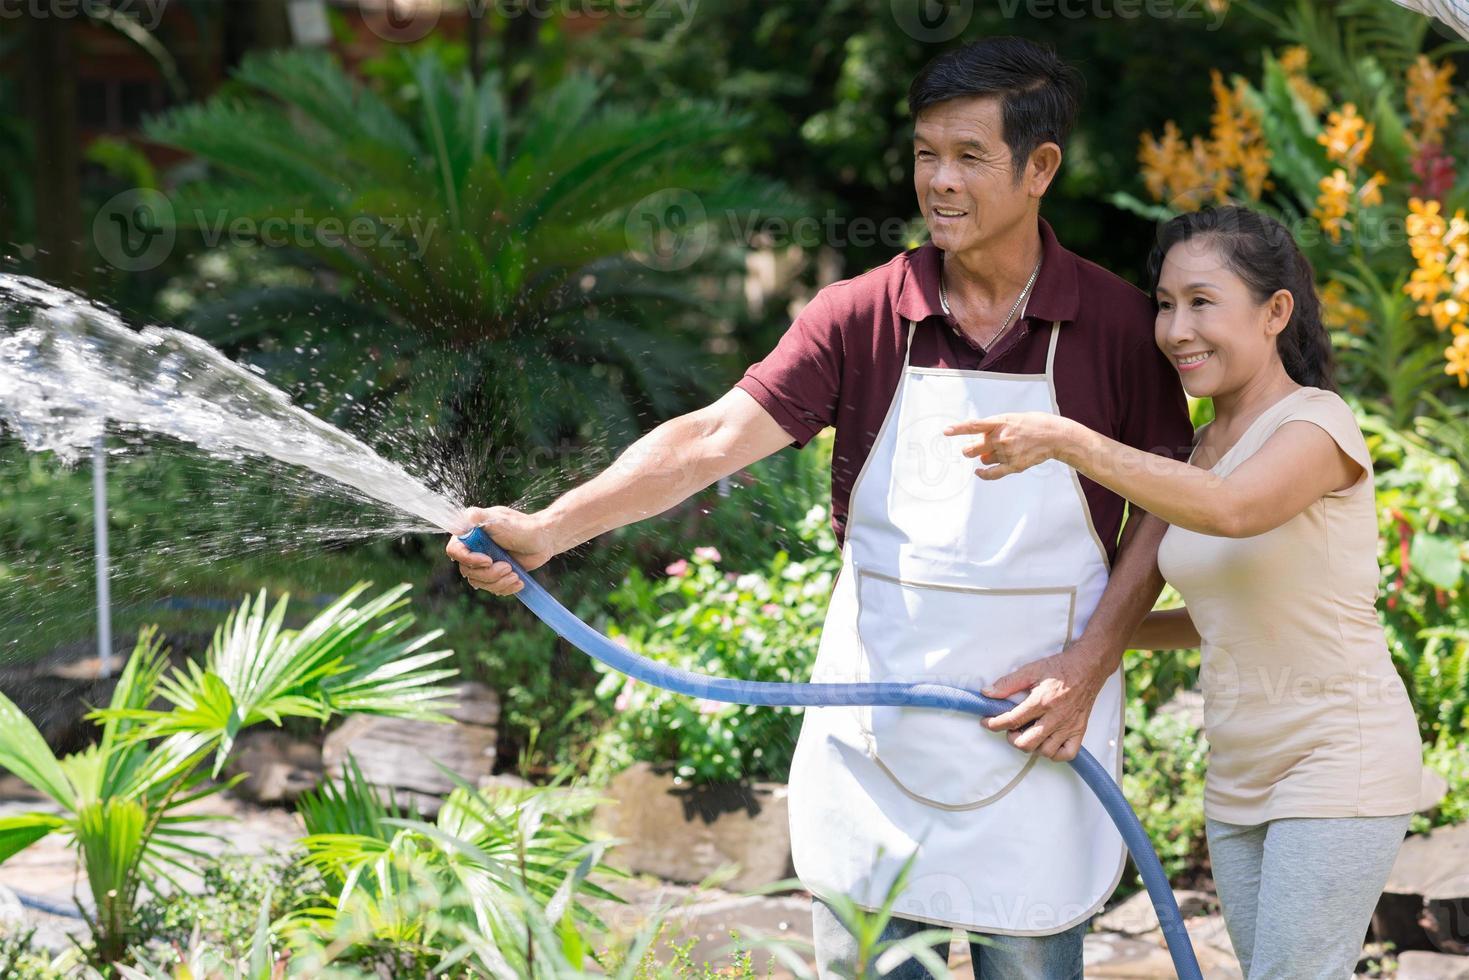 trädgårdsbevattning foto